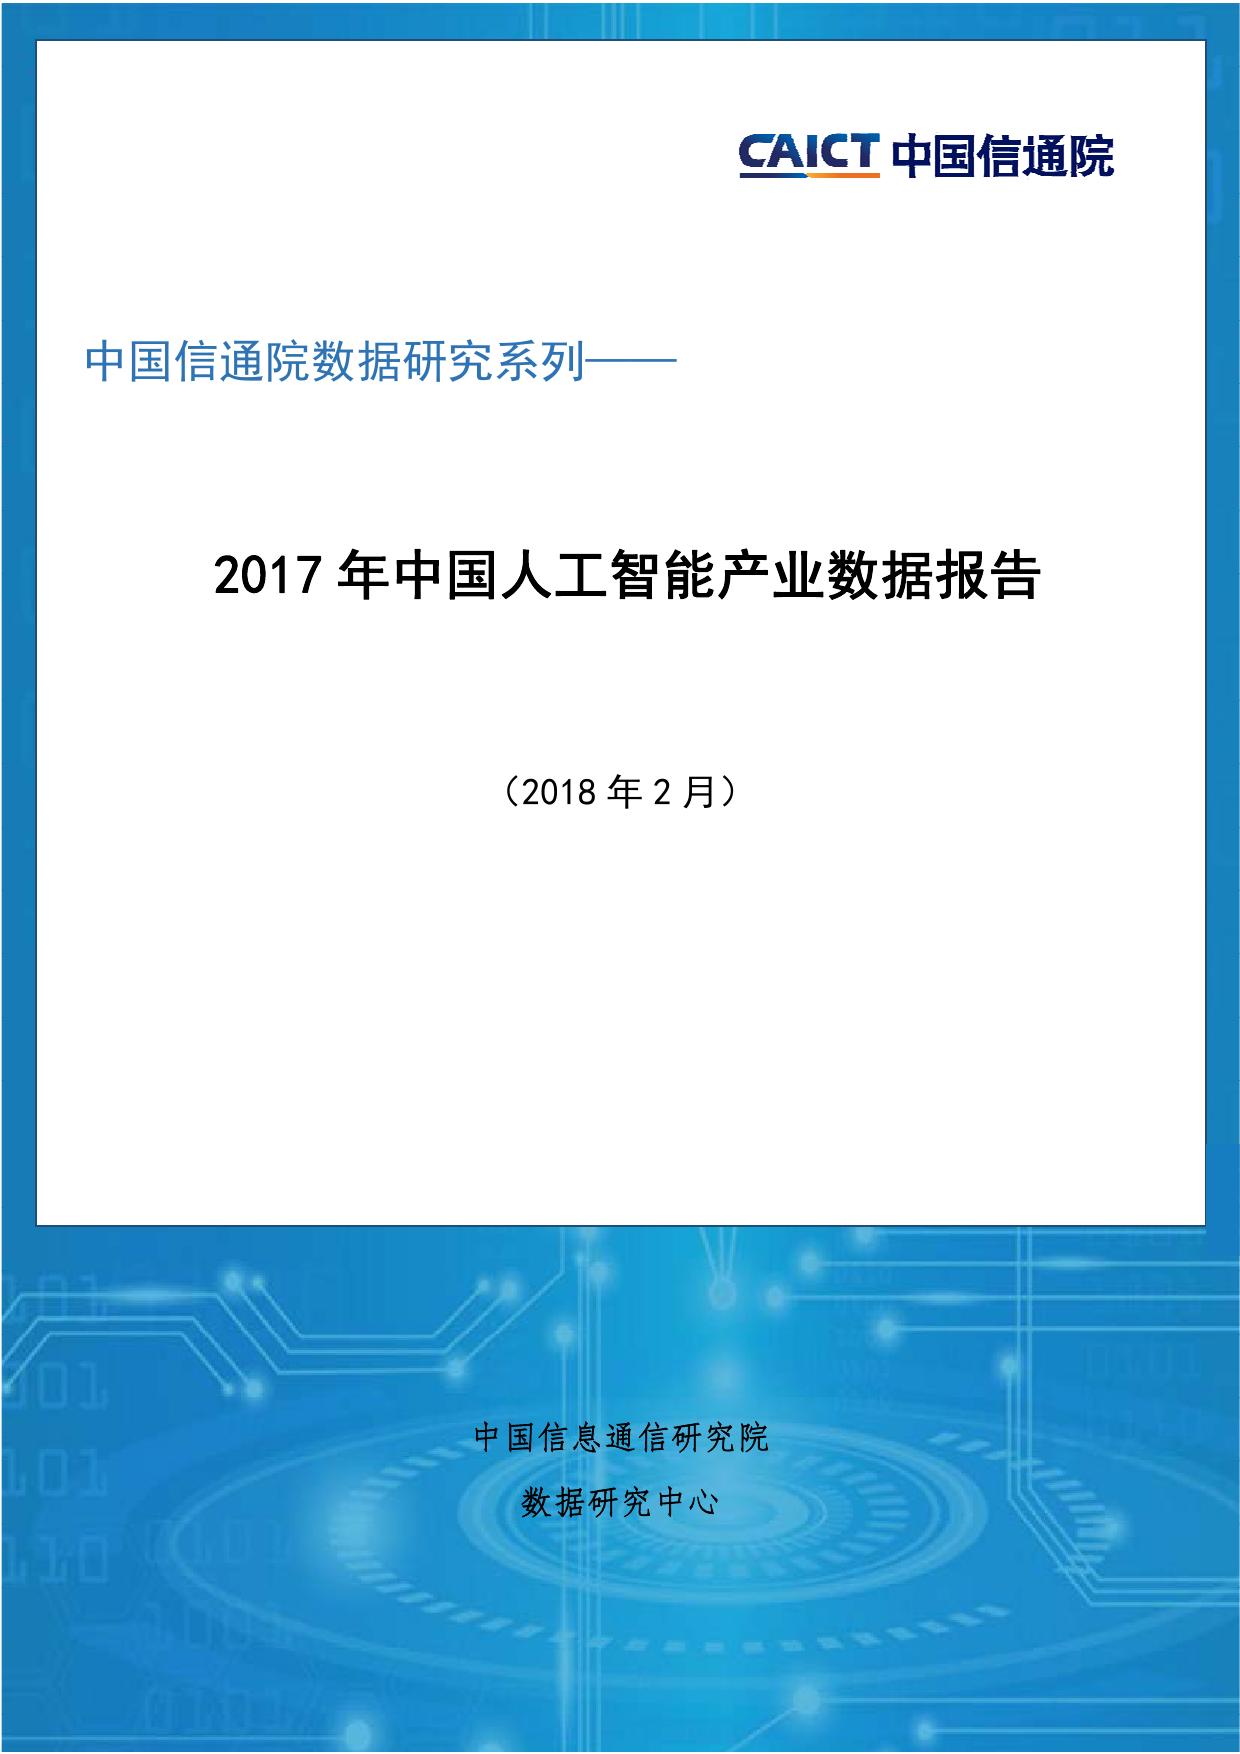 中国信通院:2017年中国人工智能产业数据报告(附下载)